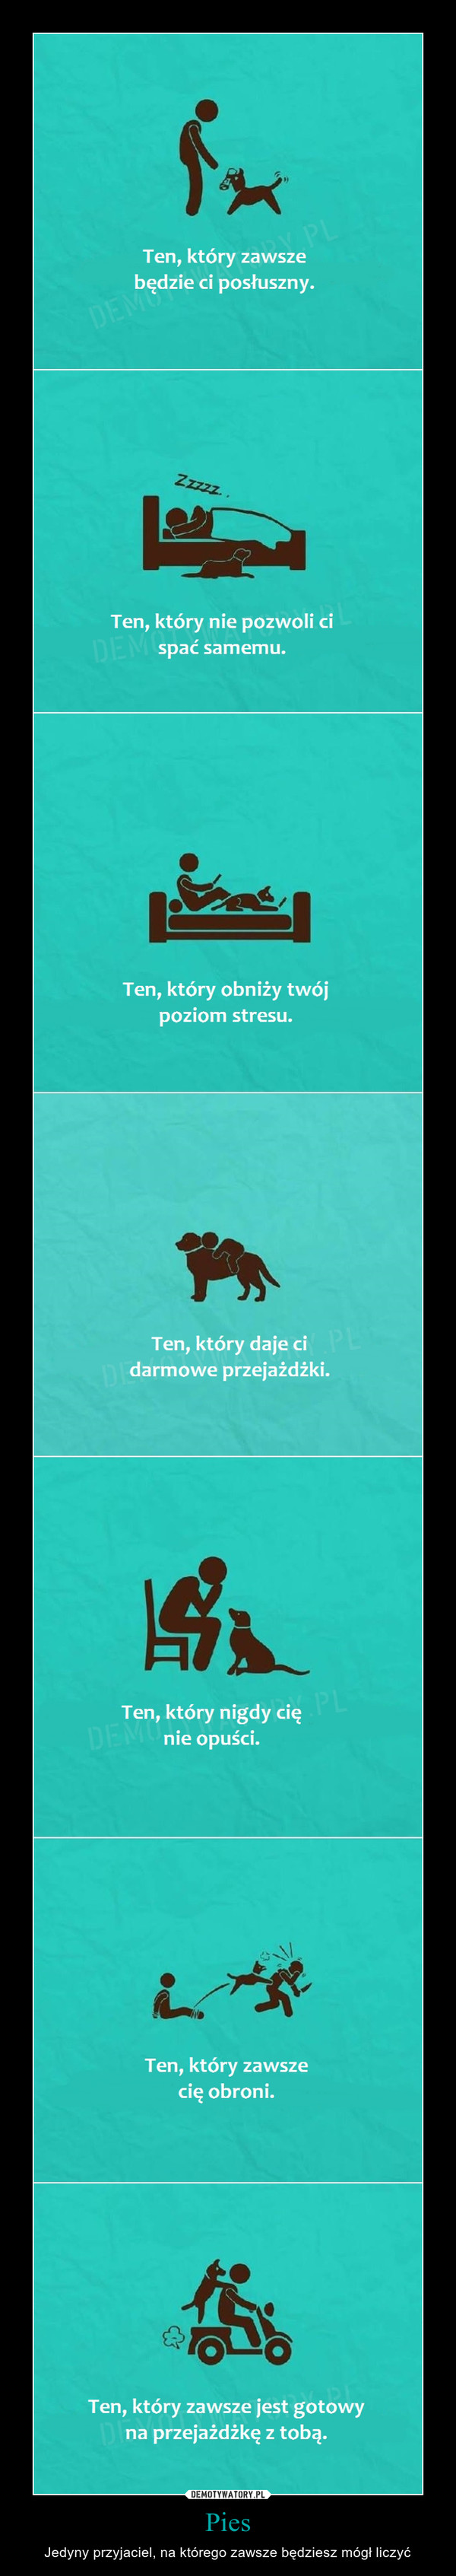 Pies – Jedyny przyjaciel, na którego zawsze będziesz mógł liczyć Ten, który zawsze będzie ci posłuszny. Ten, który nie pozwoli ci spać samemu. Ten, który obniży twój poziom stresu. Ten, który daje ci darmowe przejażdżki. Ten, który nigdy cię nie opuści. Ten, który zawsze jest gotowy na przejażdżkę z tobą.